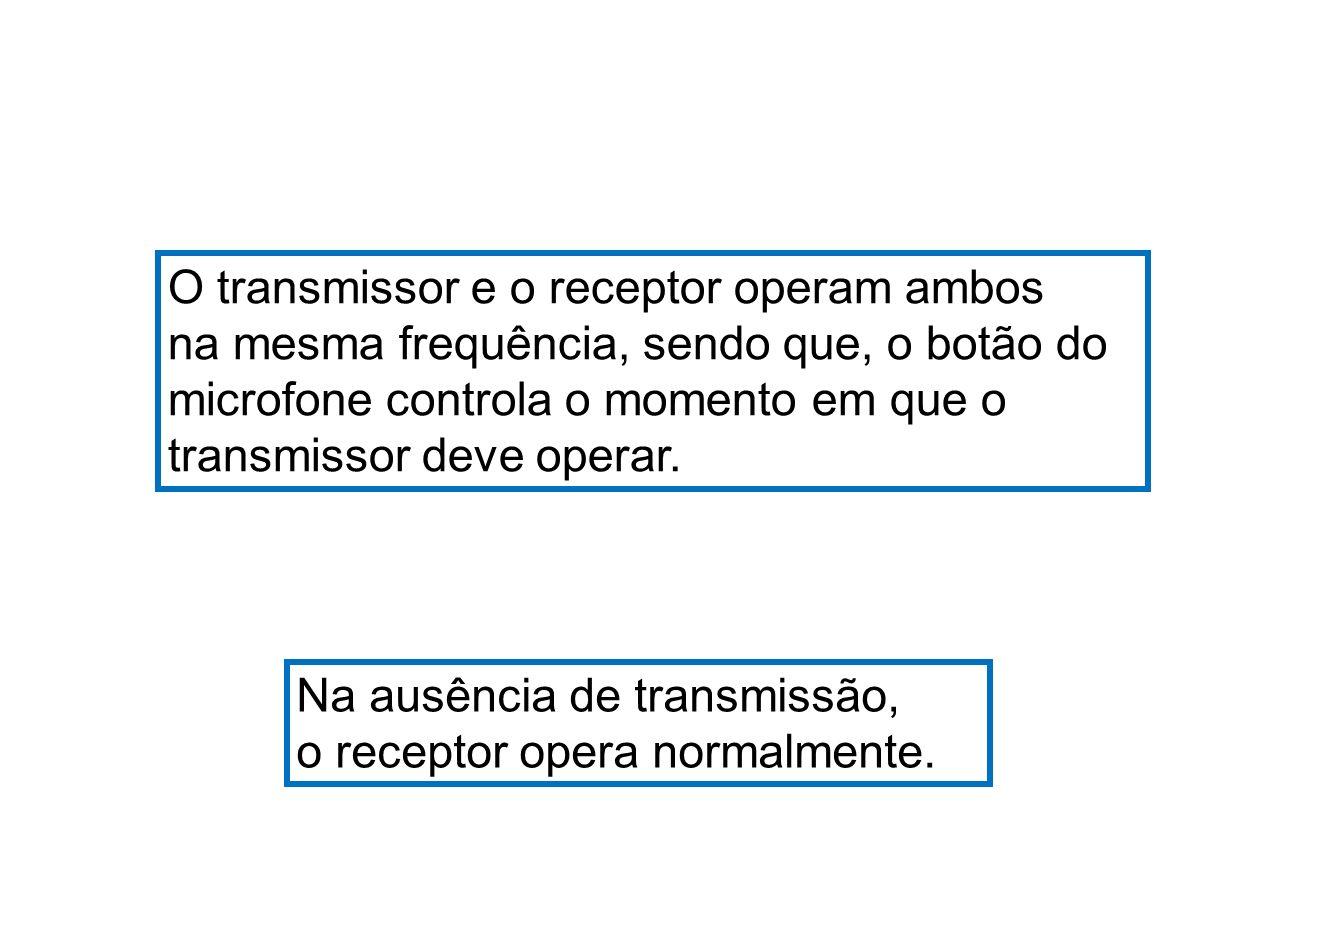 O transmissor e o receptor operam ambos